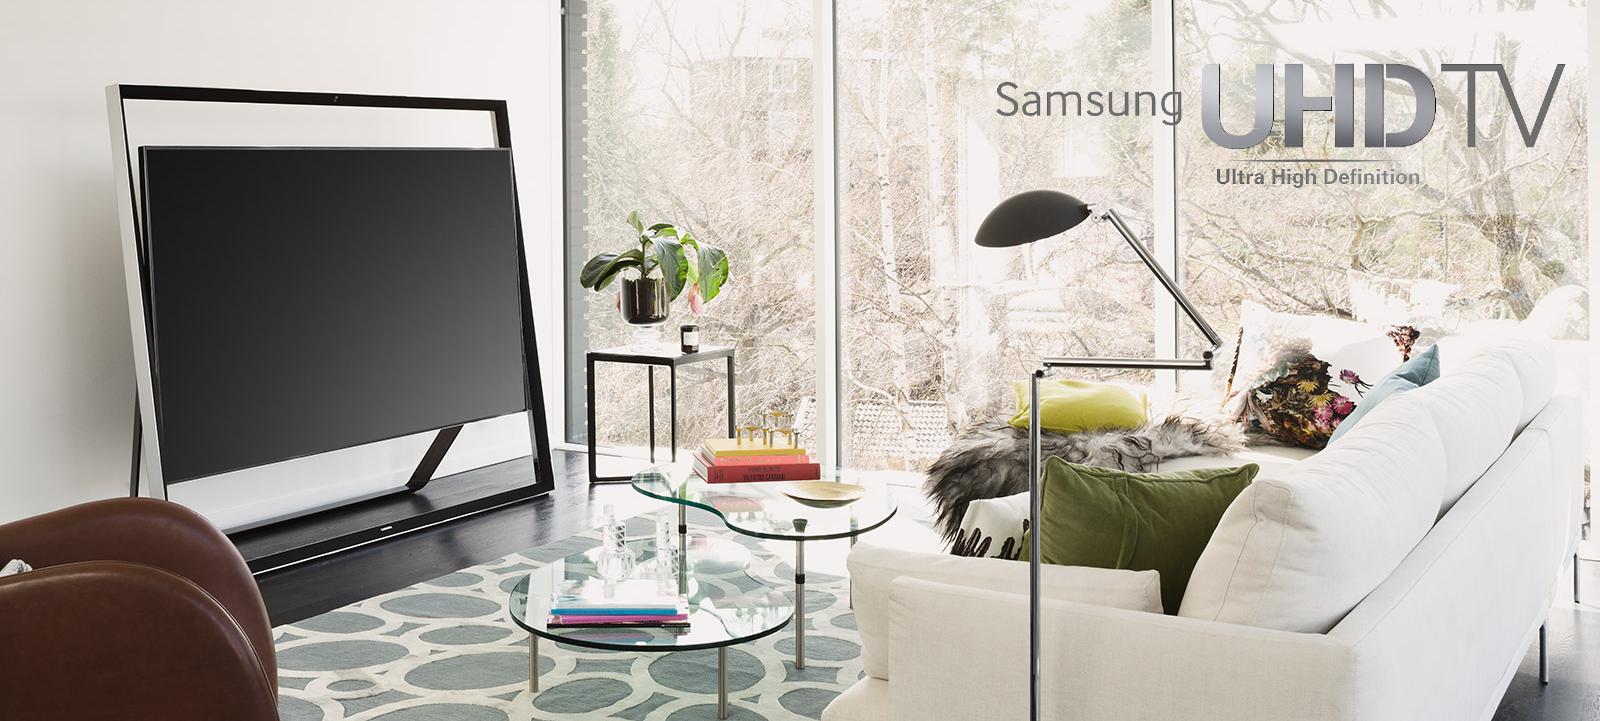 Samsung S9 4K Ultra HD TV - 1 - ilovesamsung